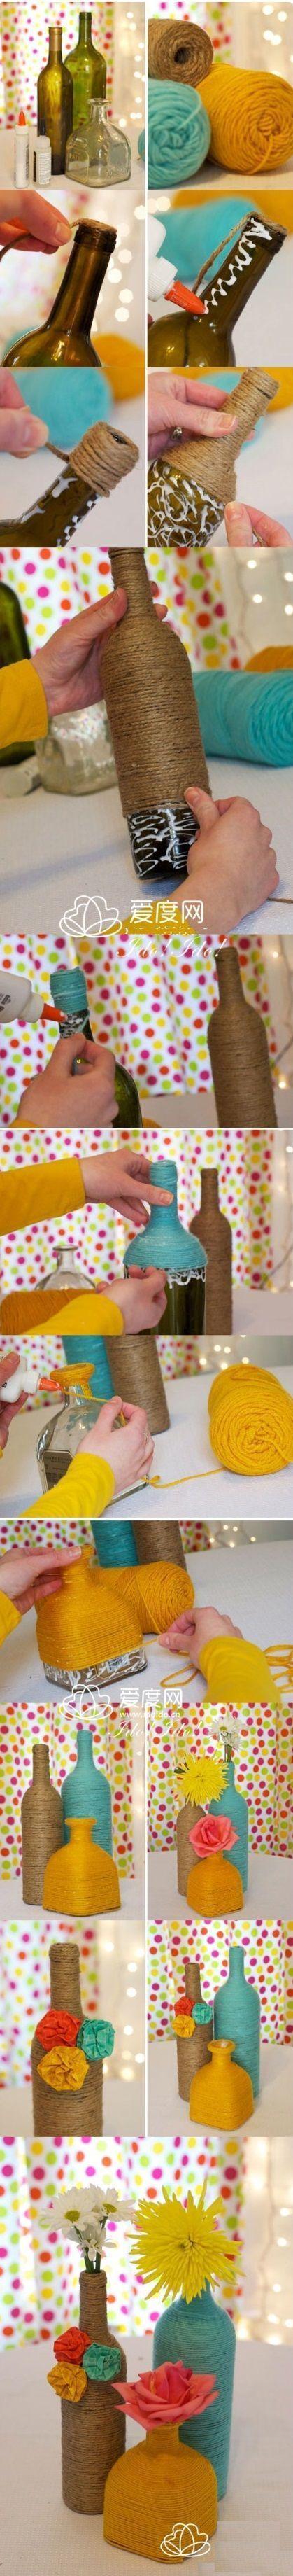 As garrafas podem ser utilizadas como vasos incríveis na decoração. Para dar um charme a mais na peça aposte em cordas, fios de lã e fitas. ;) #diy #decoração #madeiramadeira